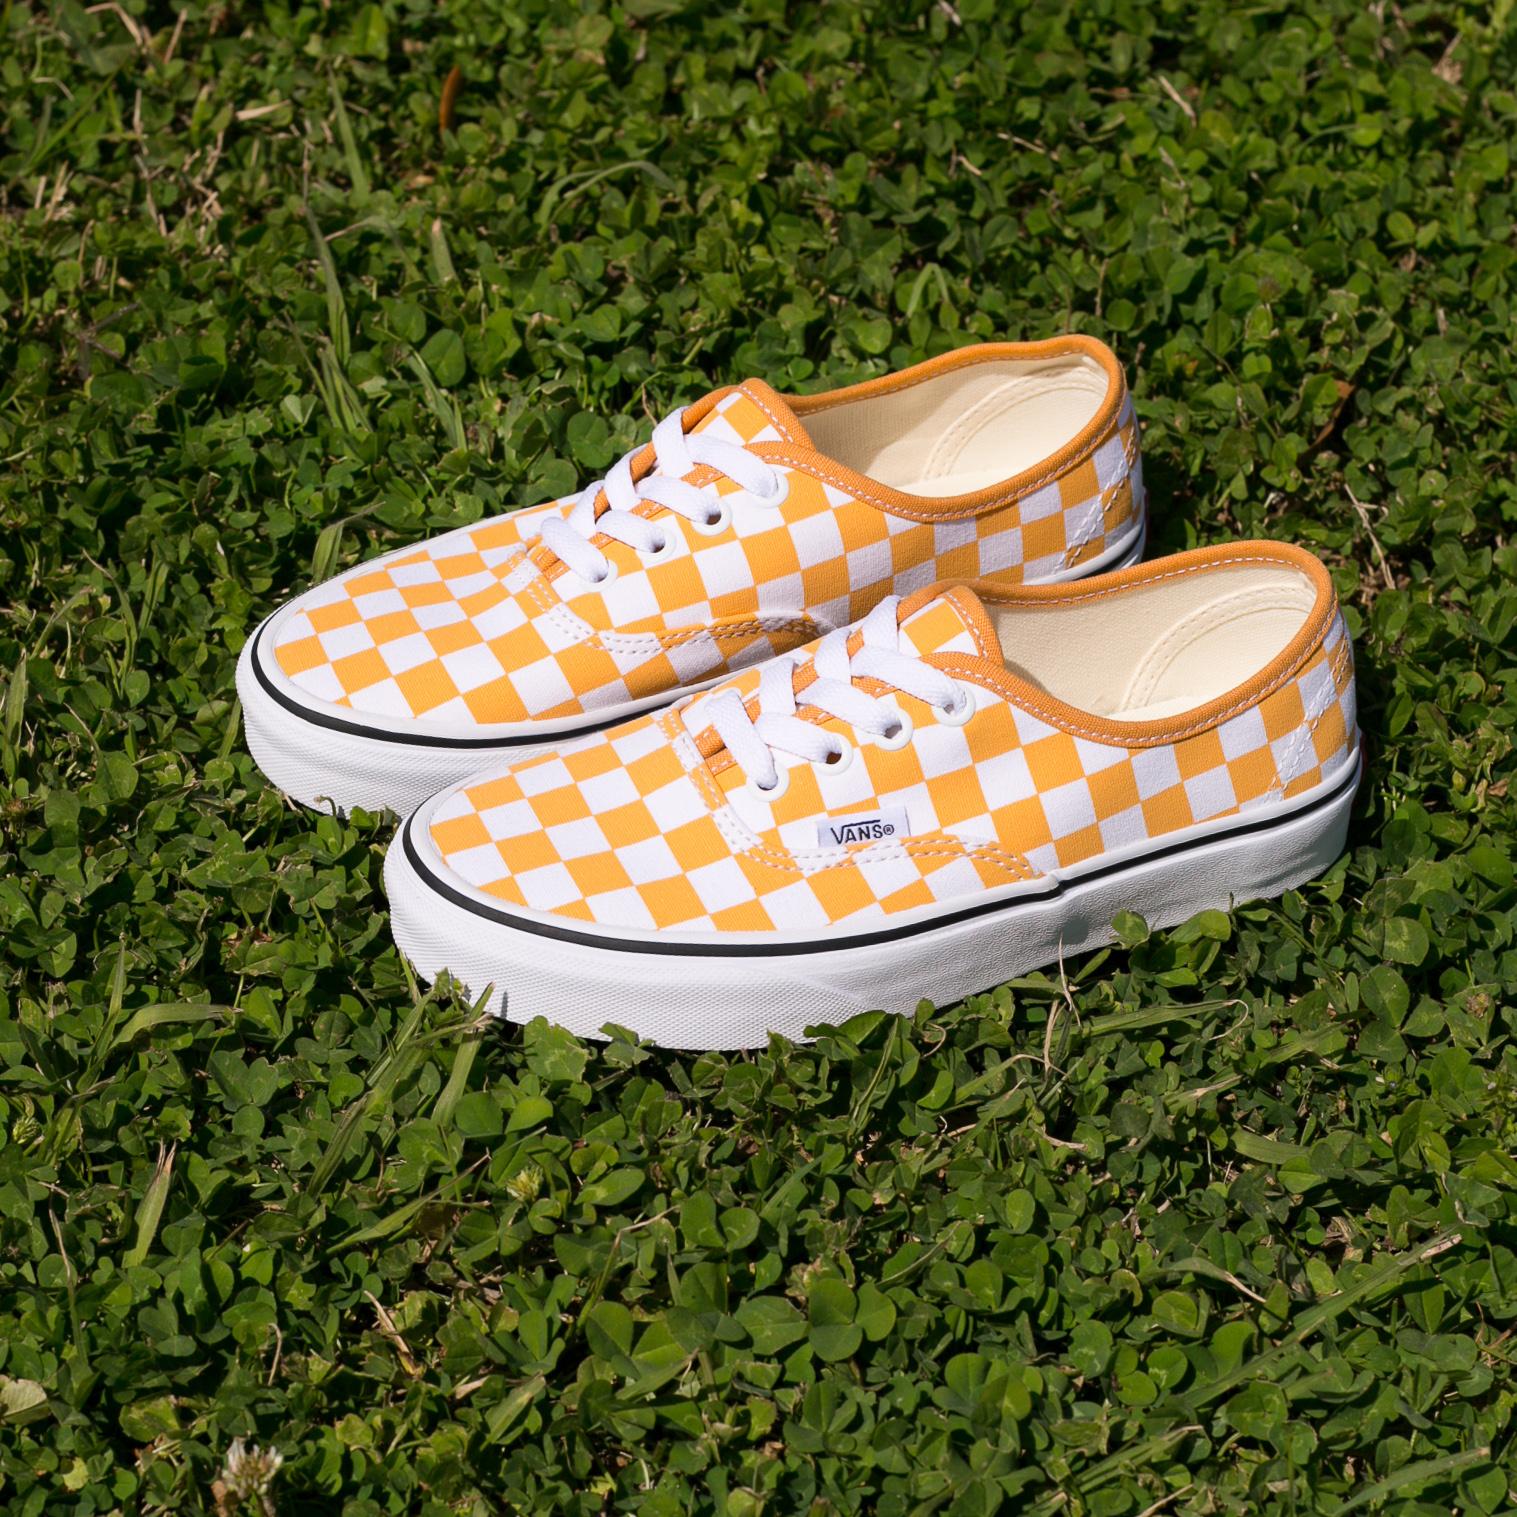 Vans Authentic Checkerboard Golden